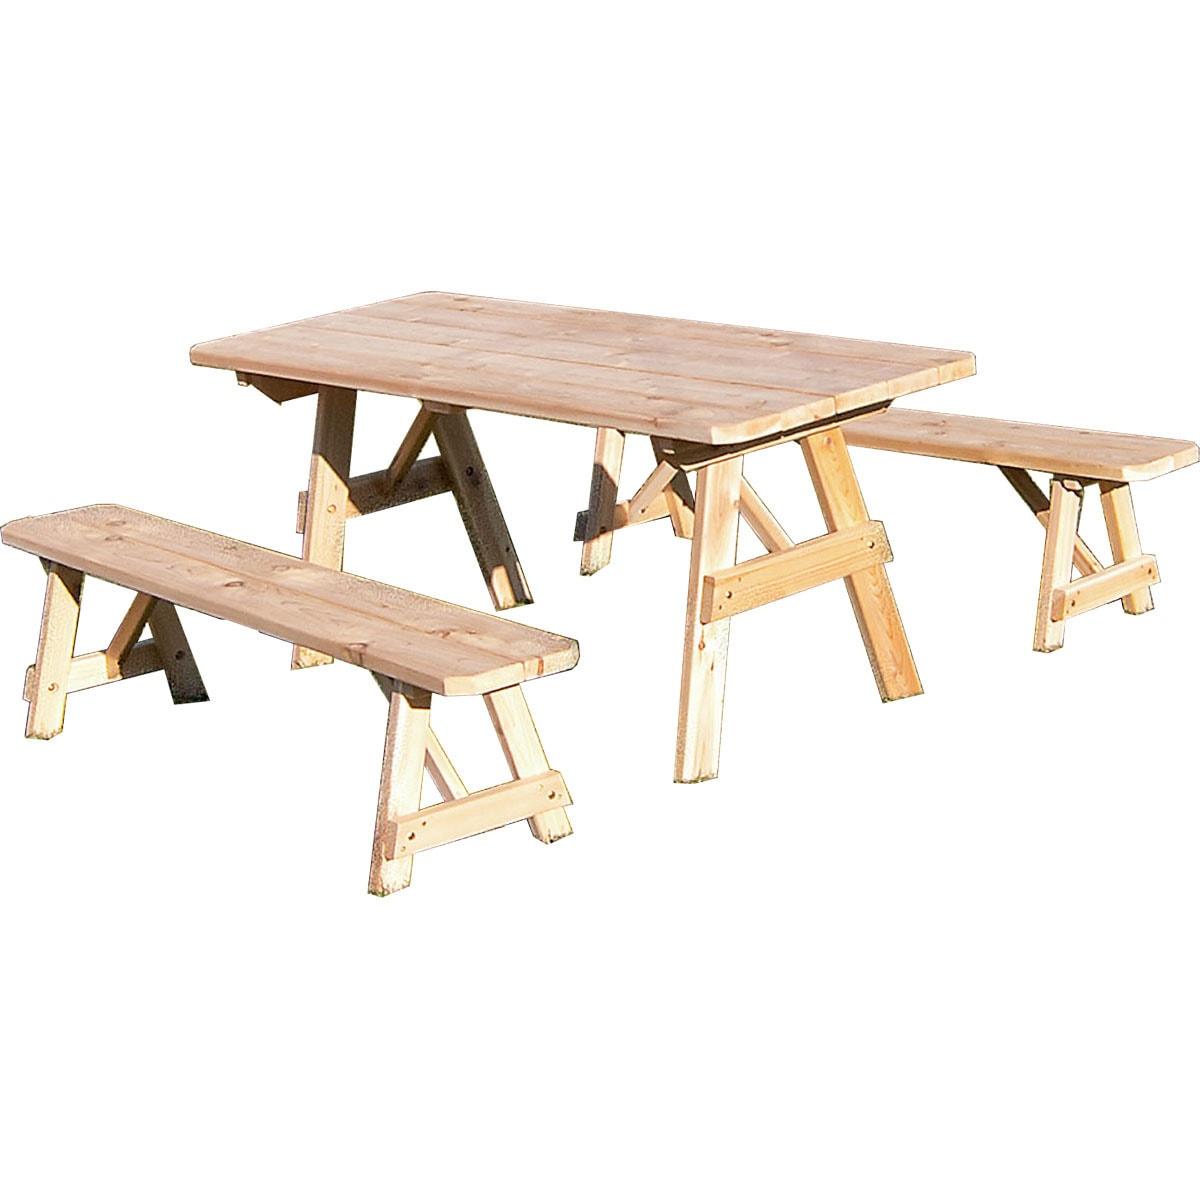 Groovy Traditional Straight Leg Cedar Picnic Table Set Creativecarmelina Interior Chair Design Creativecarmelinacom